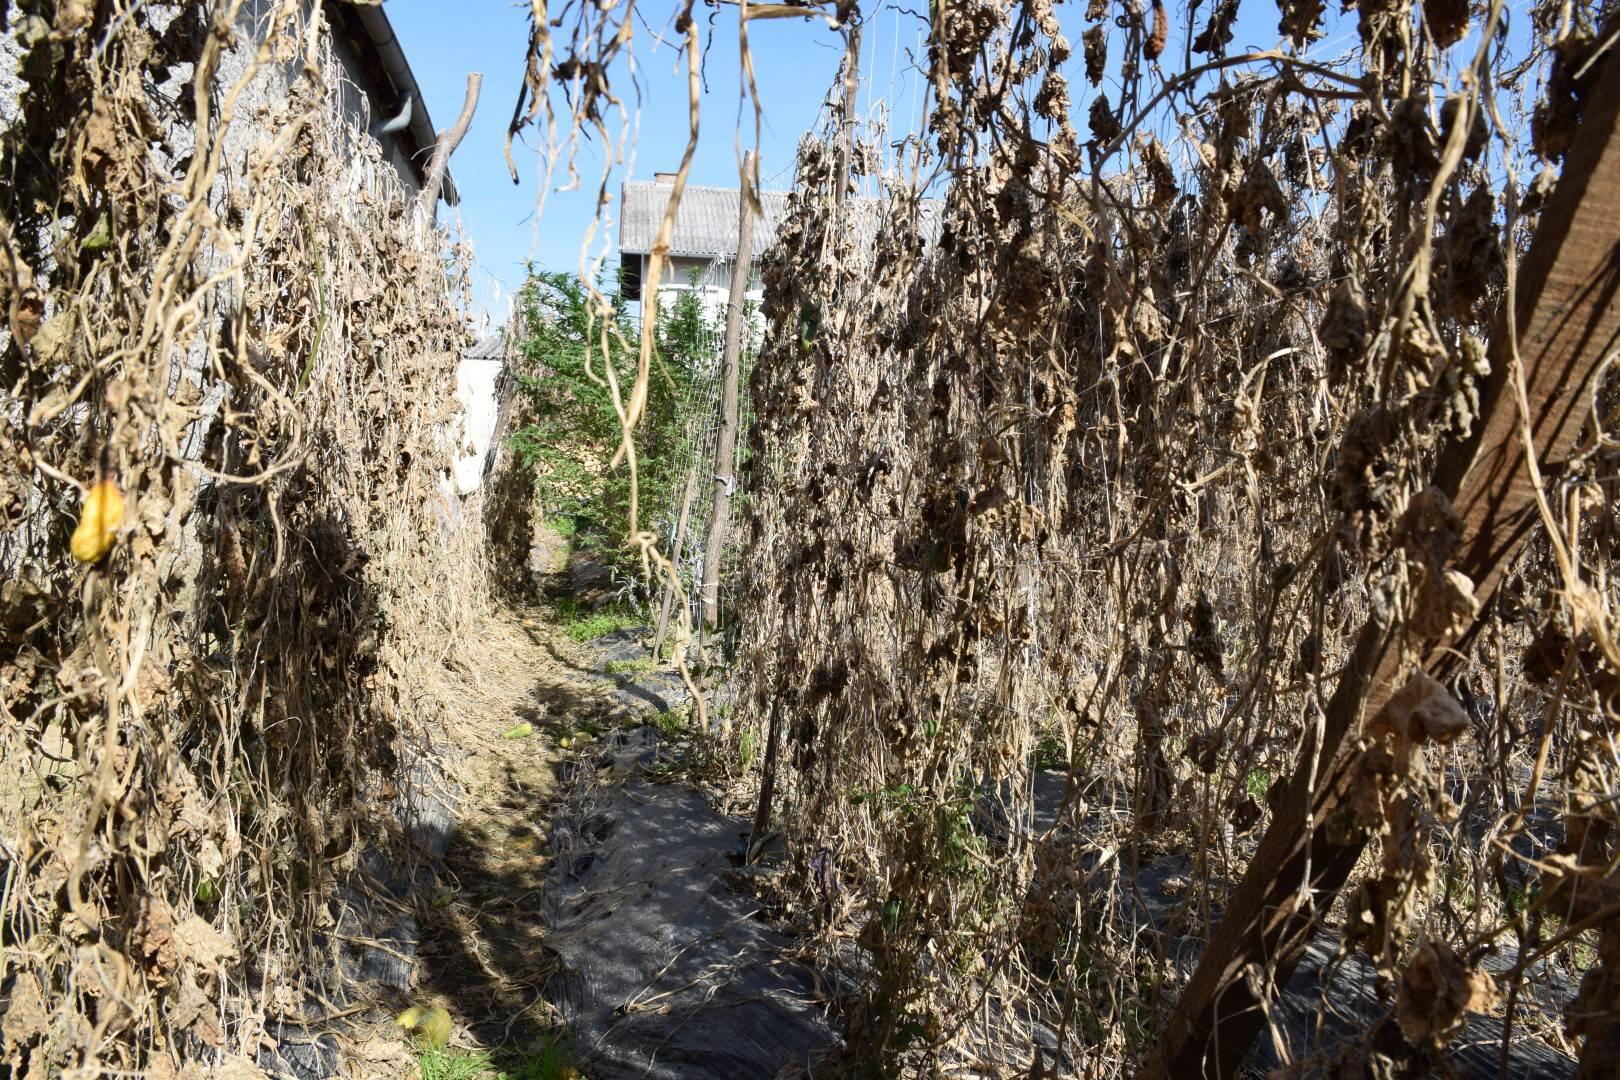 Velika zapljena 'trave': Sadio je u svom vrtu među krastavcima